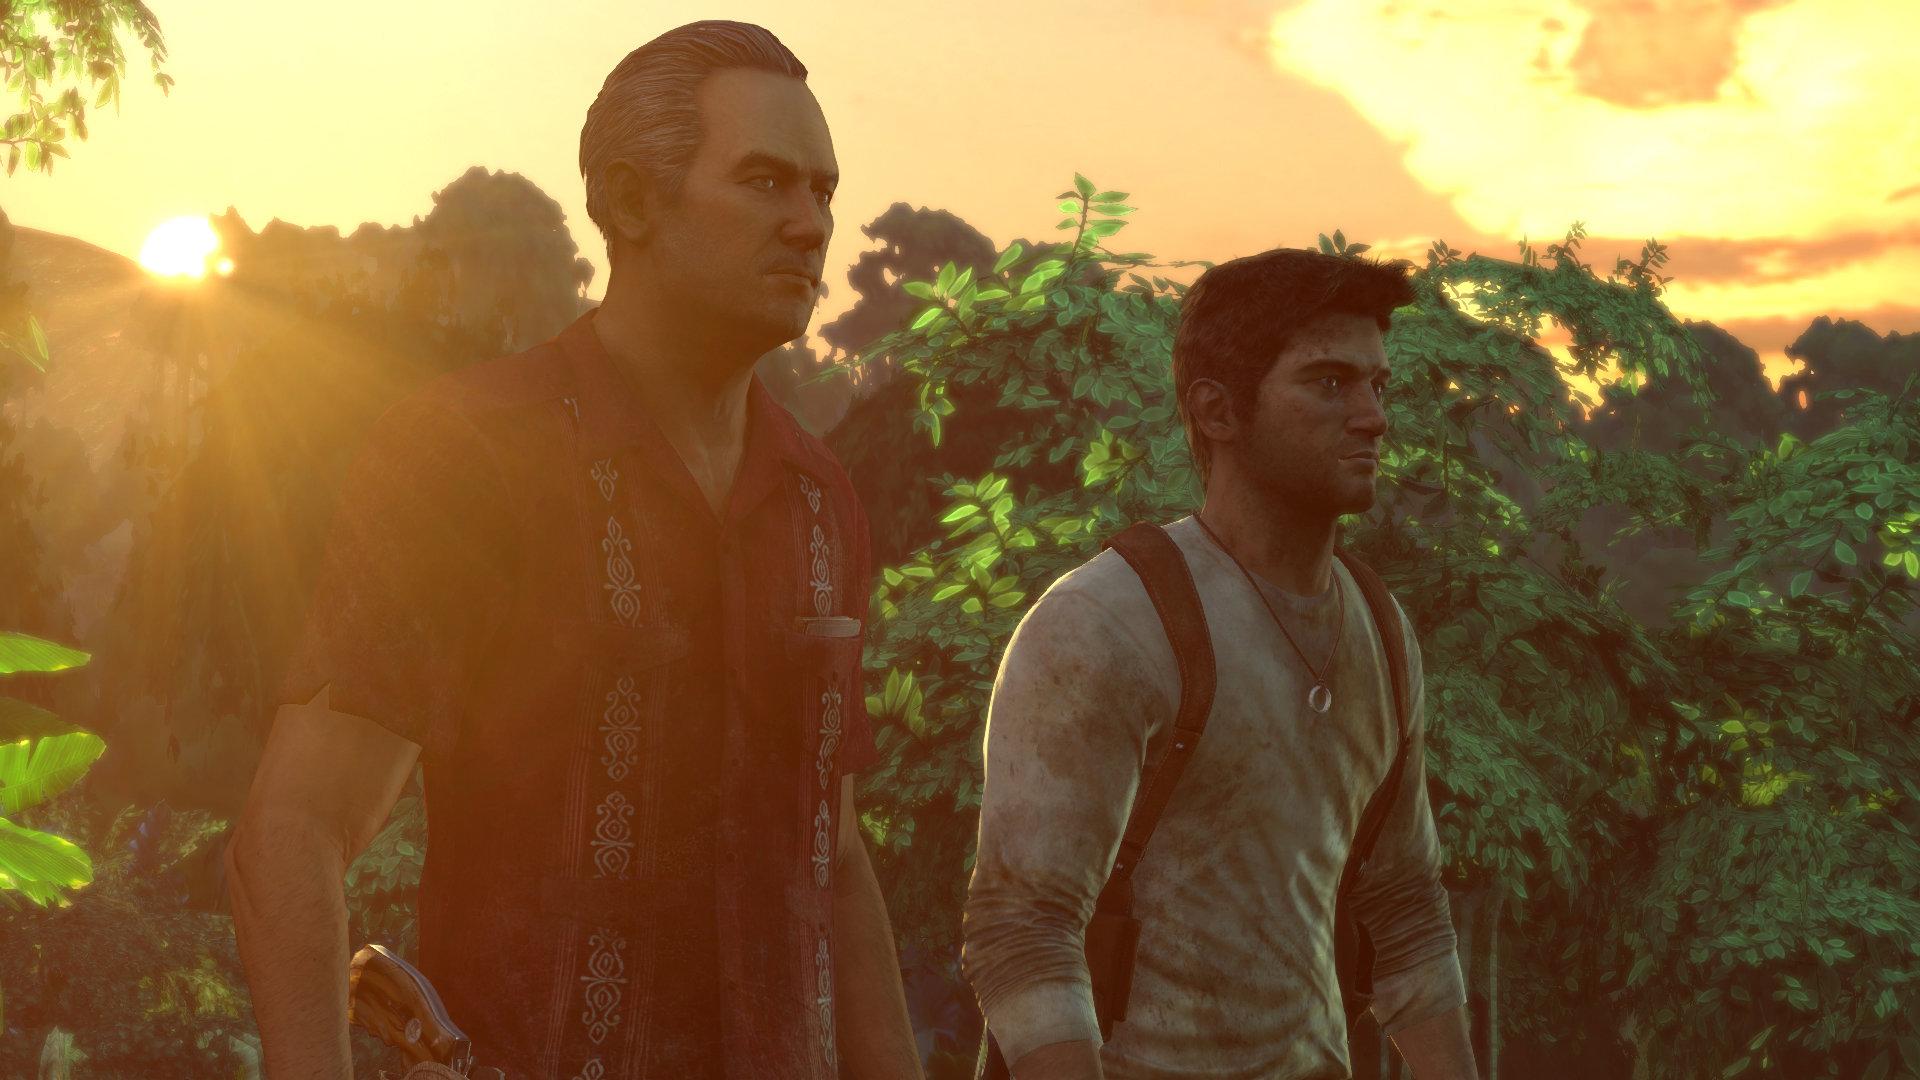 Uncharted-spillene, først lansert til Playstation 3, er verdt å få med seg på Playstation 4 uansett om du har spilt spillene før på PS3.